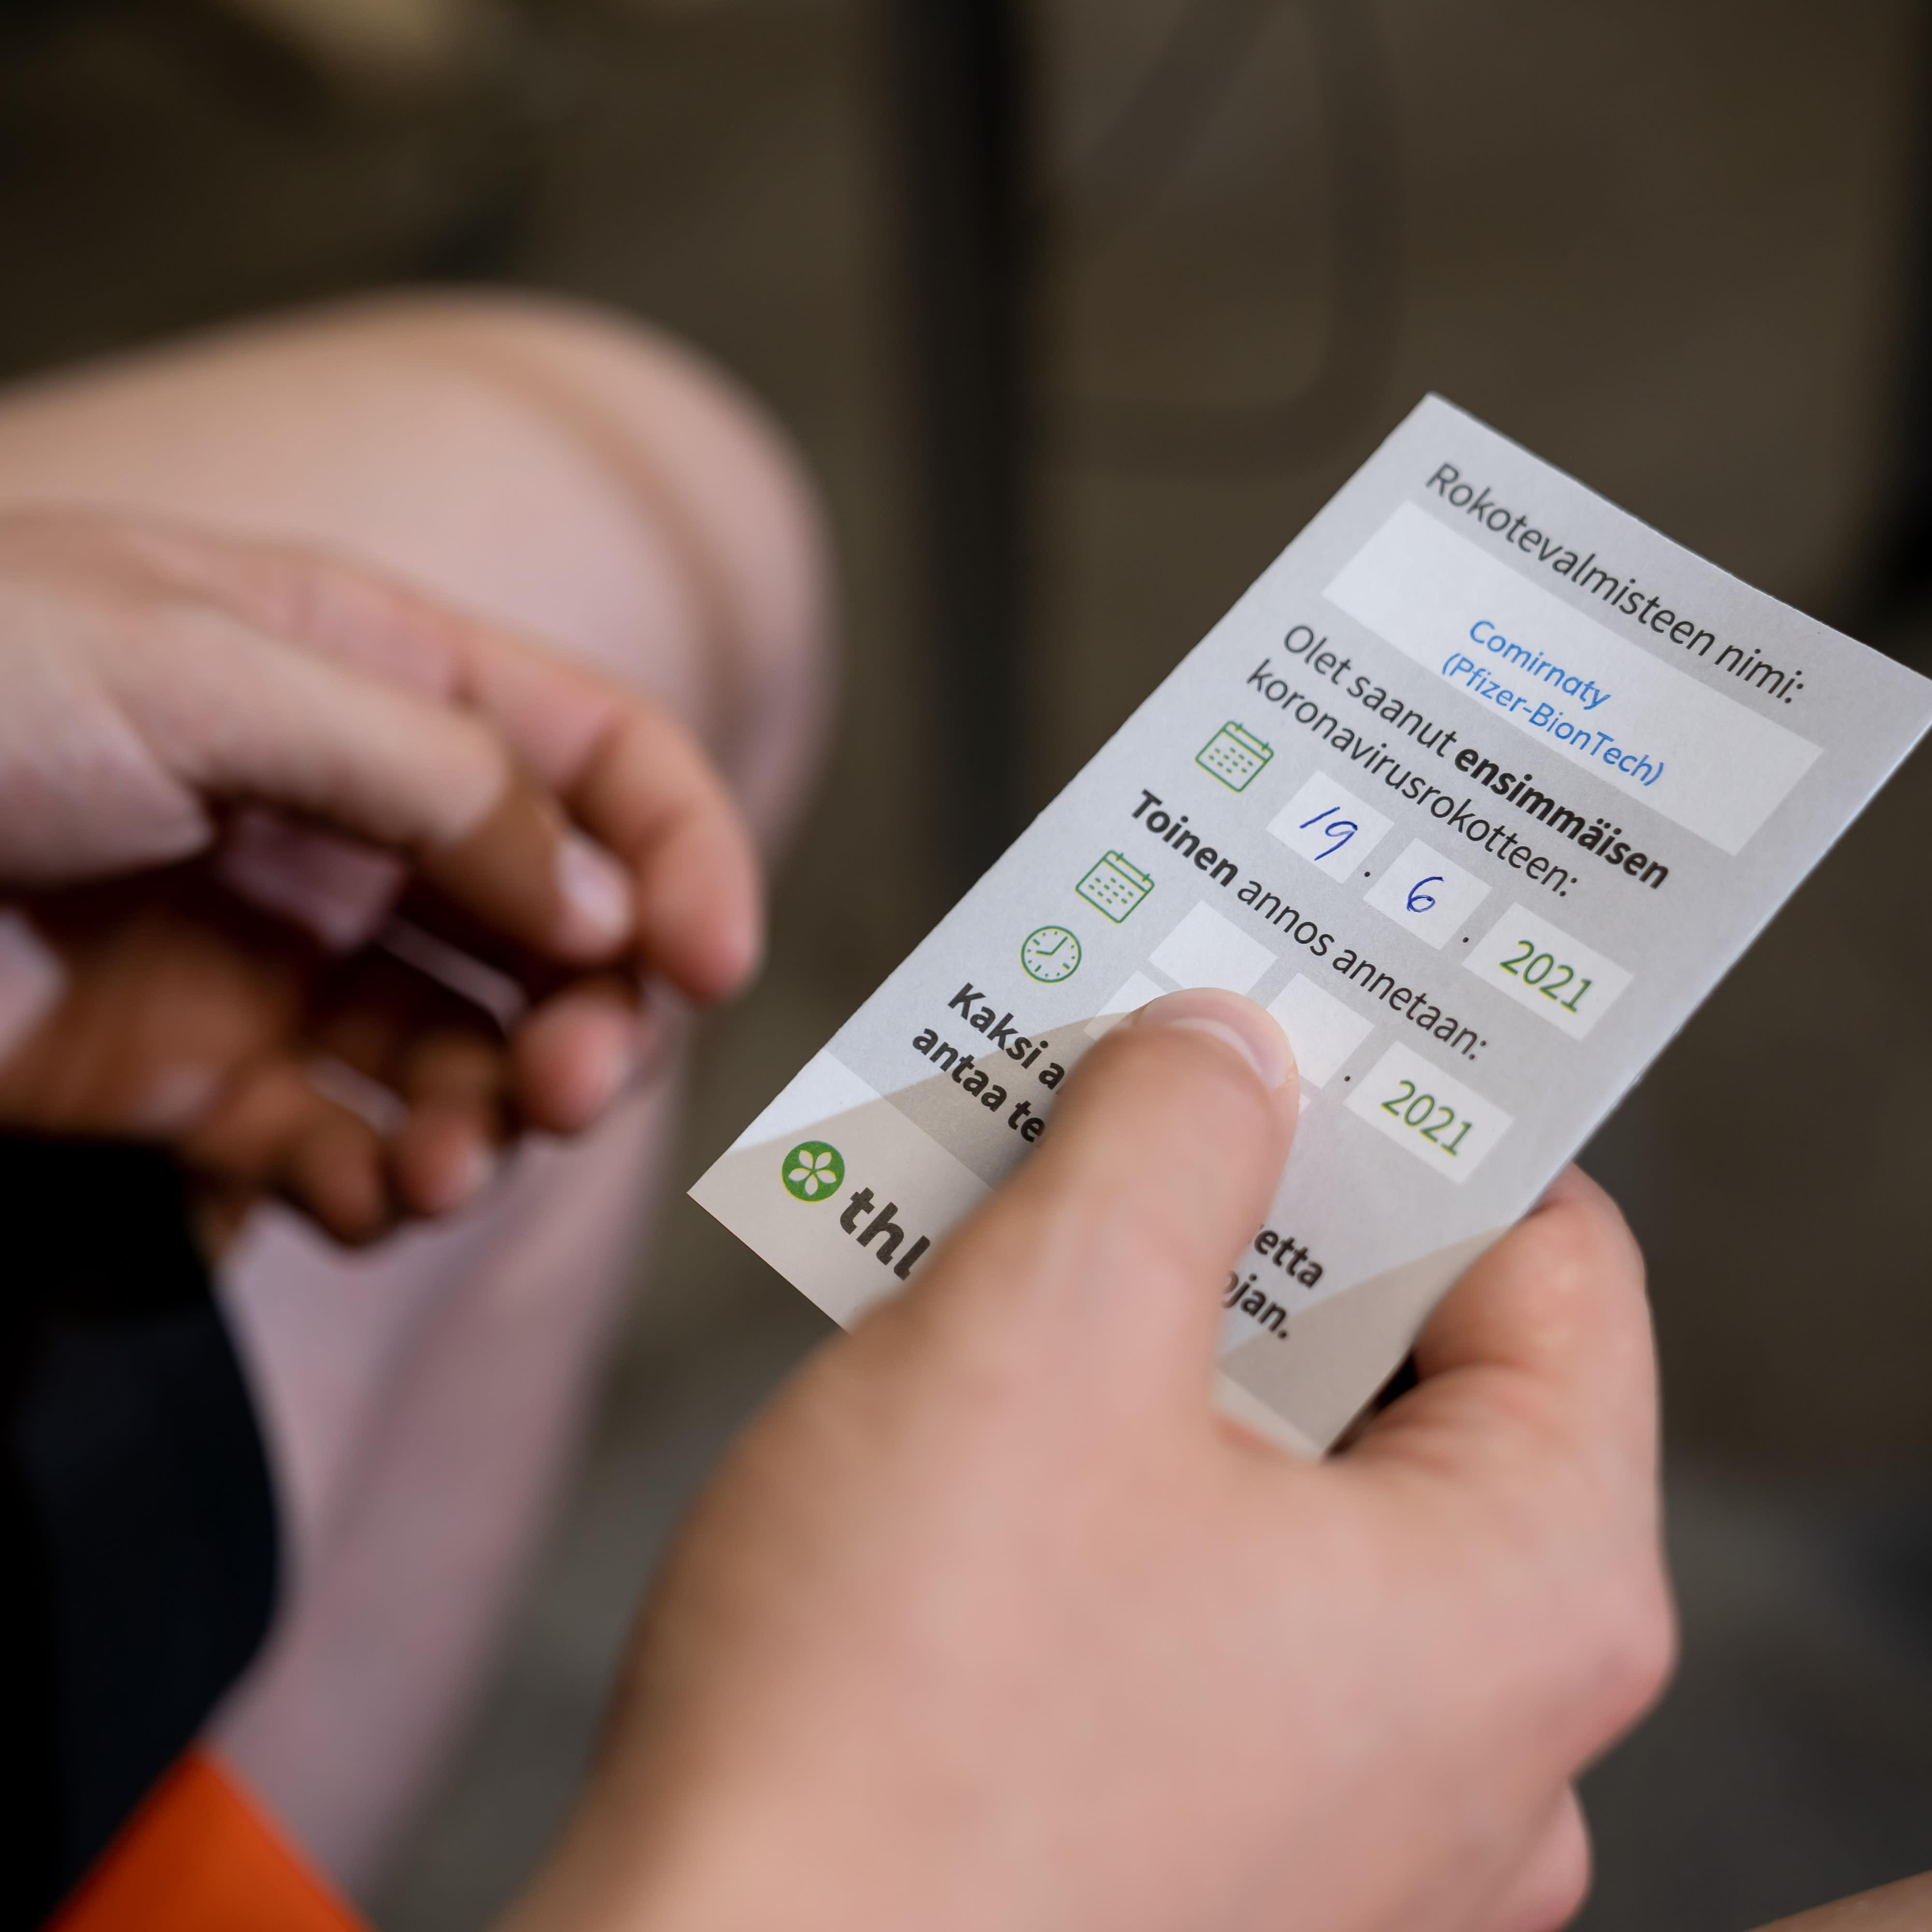 Kortti ensimmäisen koronarokotuksen jälkeen, Jätkäsaaren rokotuspiste, Helsinki, 19.6.2021.